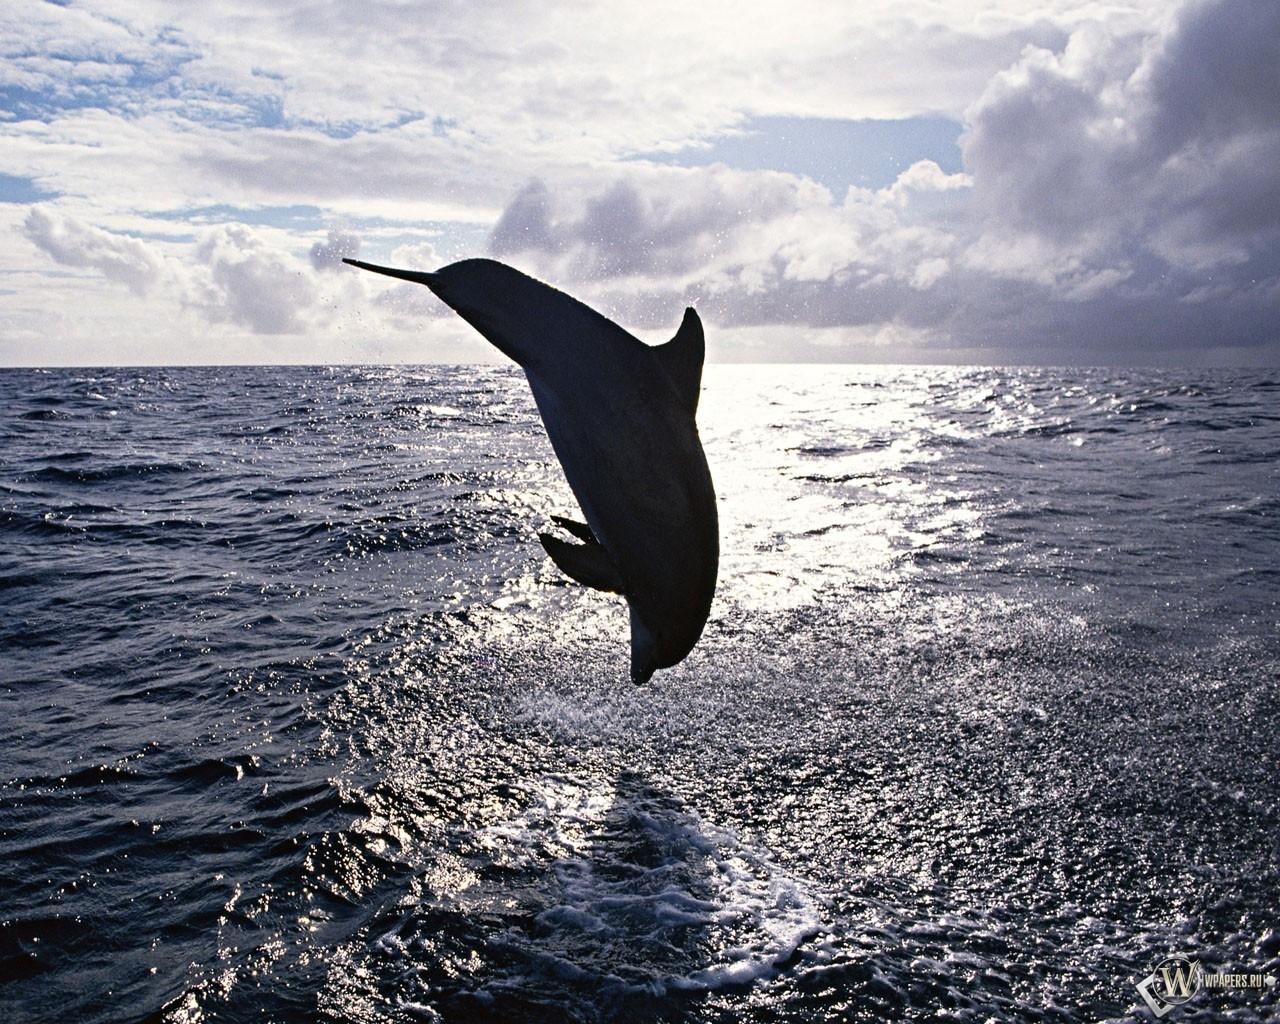 Прыжок дельфина 1280x1024